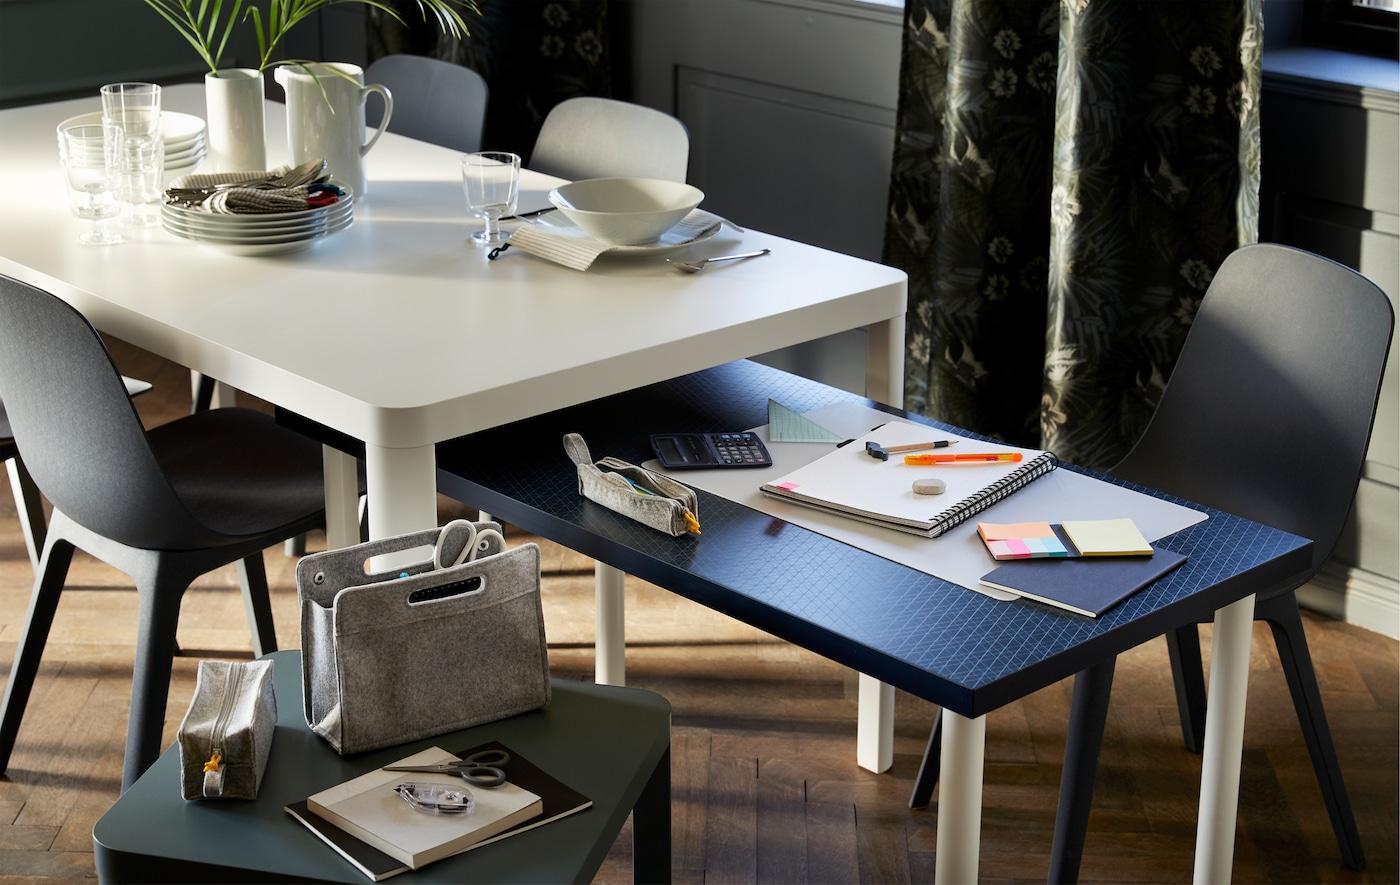 2 unterschiedlich hohe Tische, die sich zum Teil überlappen, zum Lernen & Arbeiten.